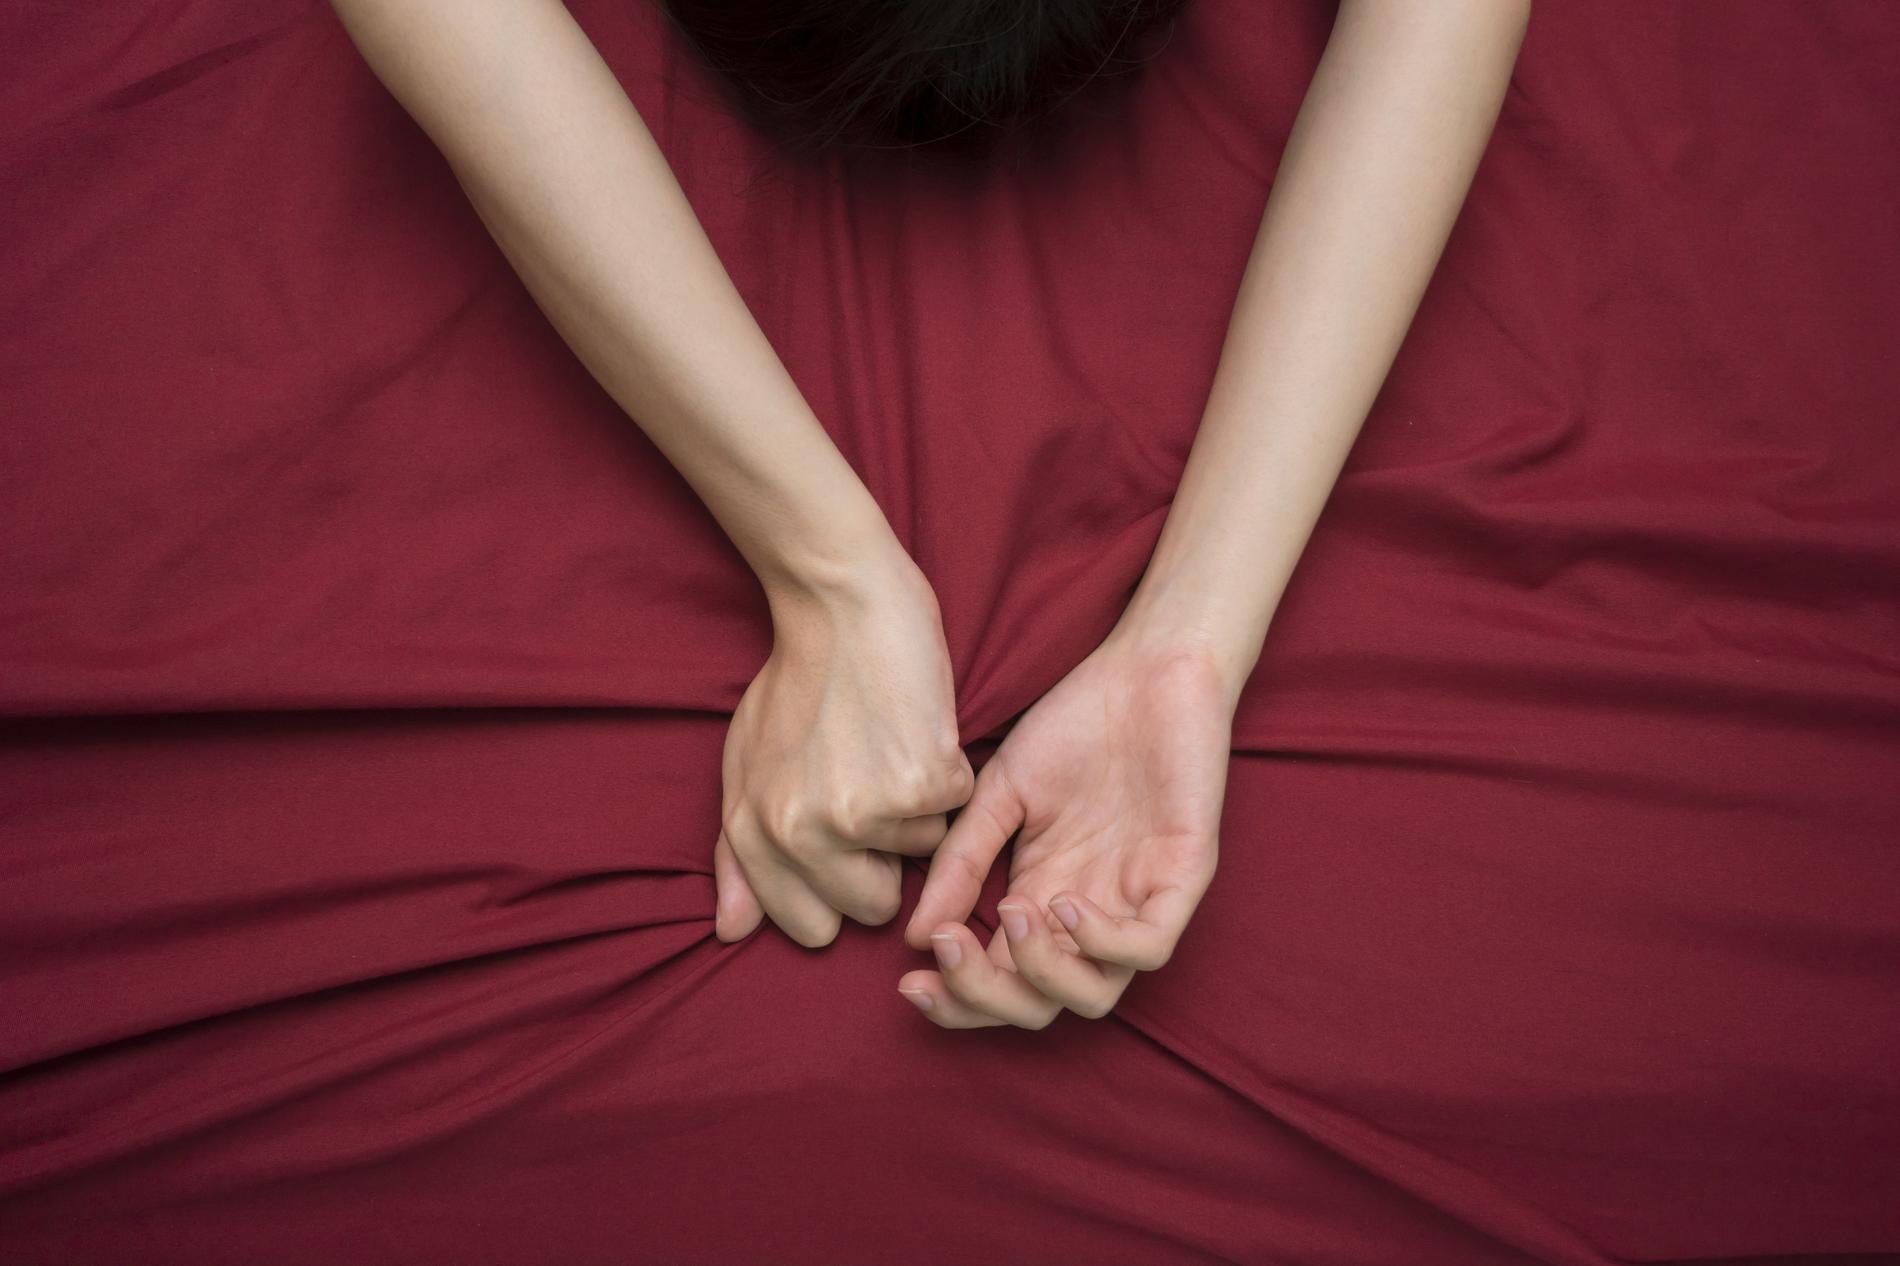 Comment fonctionnent les orgasmes féminins